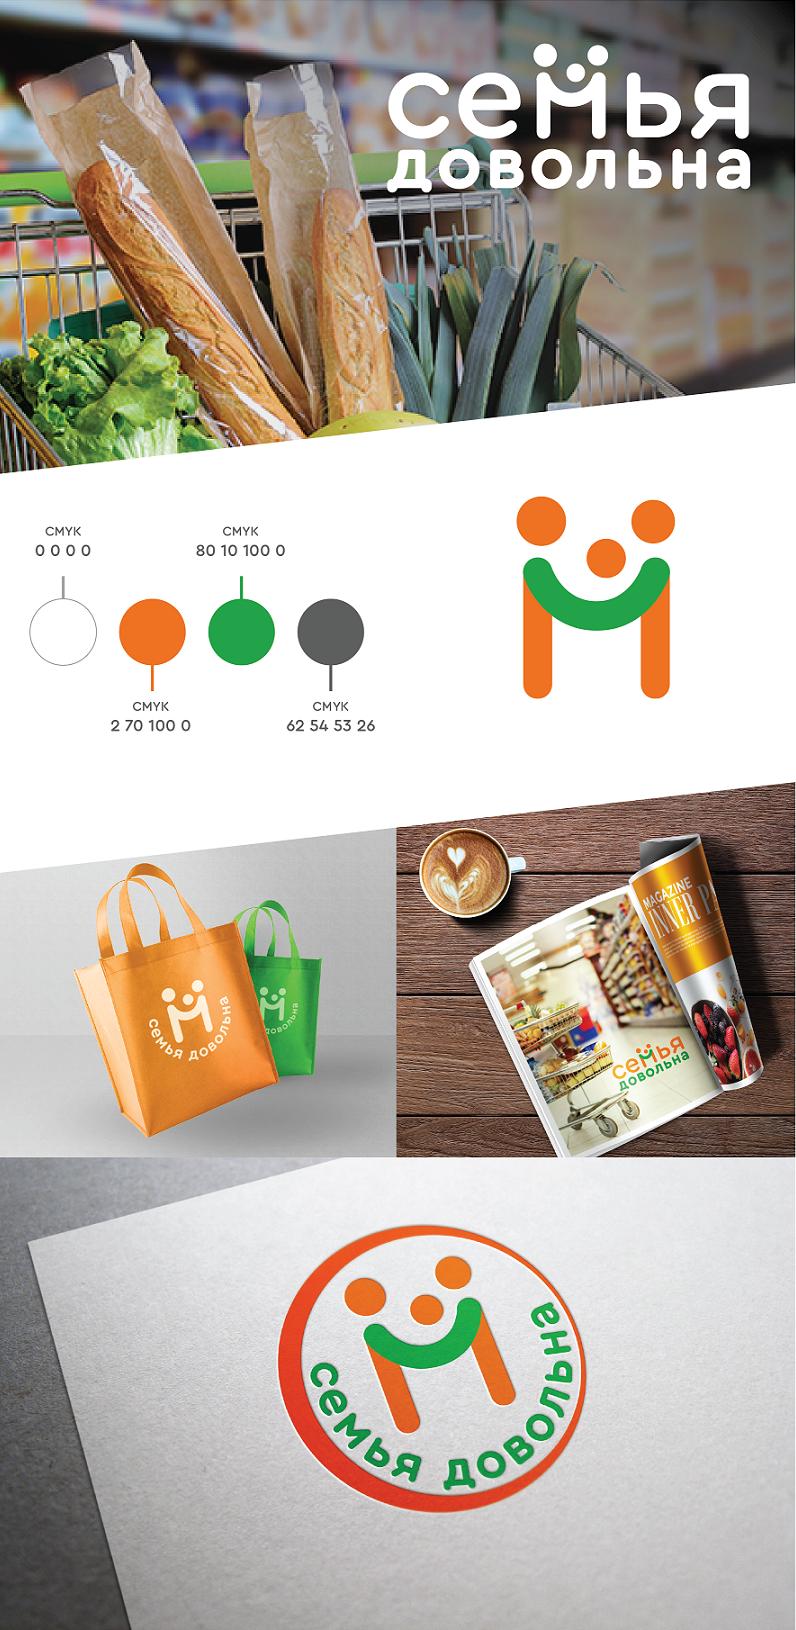 """Разработайте логотип для торговой марки """"Семья довольна"""" фото f_4865ba8e2bc231c4.png"""